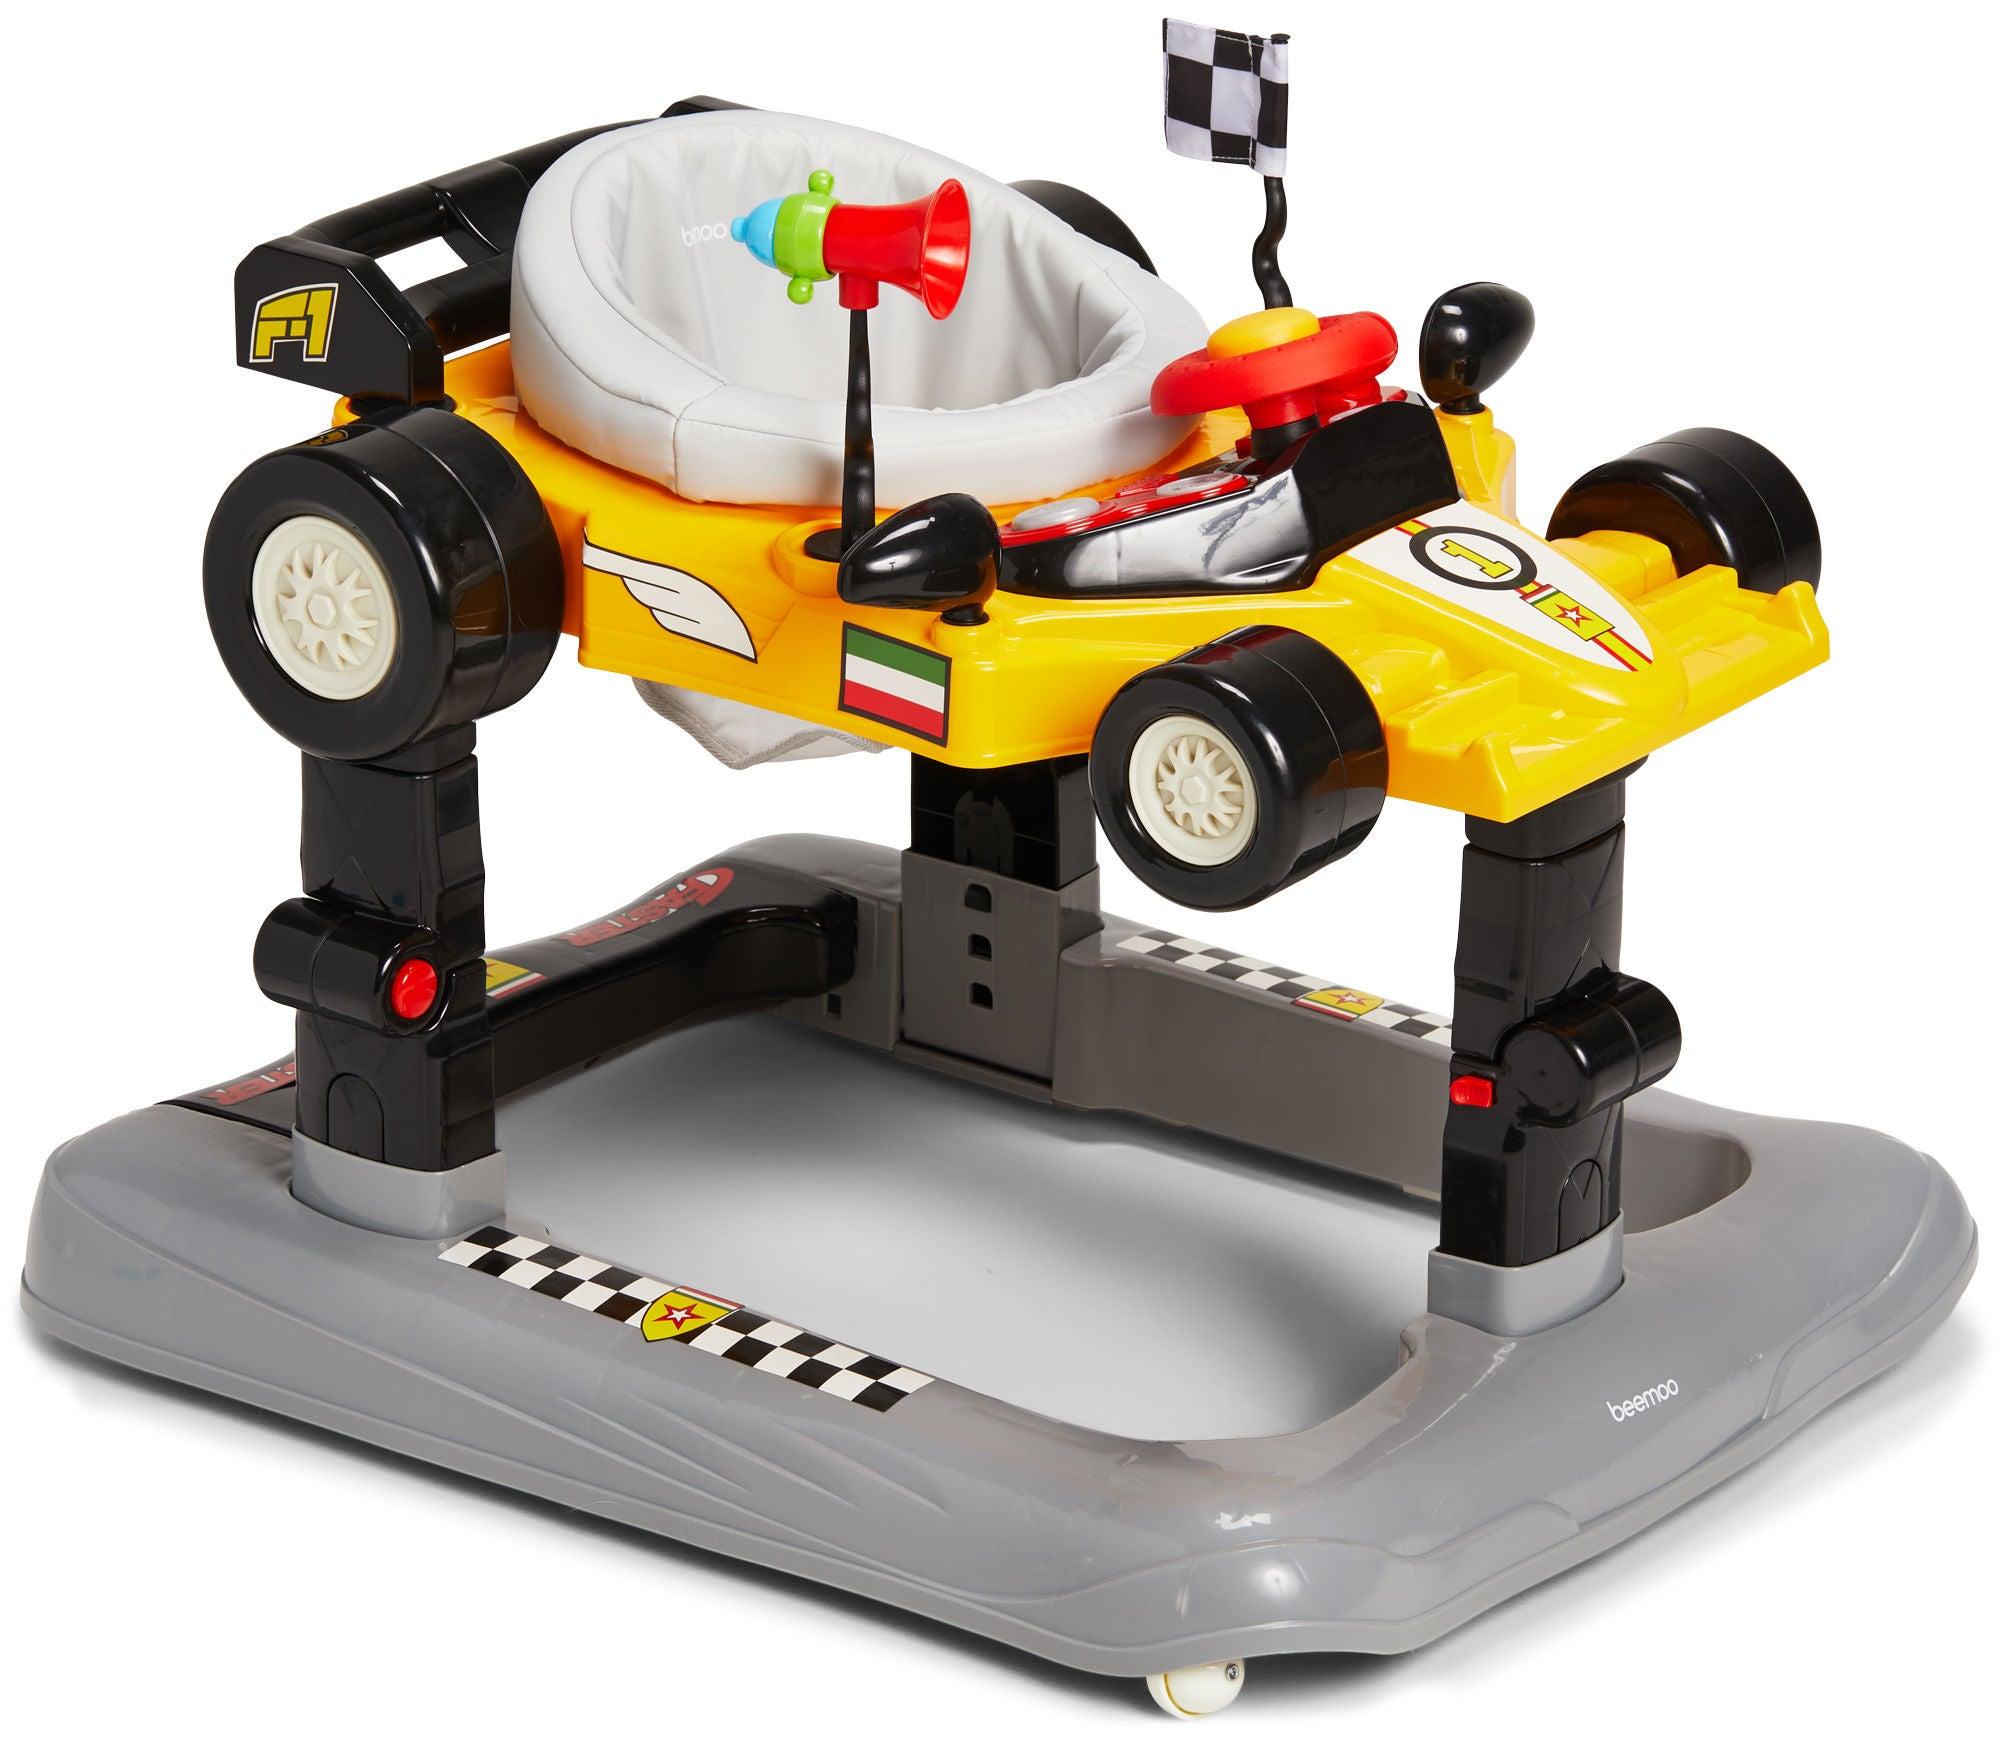 Beemoo 4-in-1 Kävelytuoli, Yellow